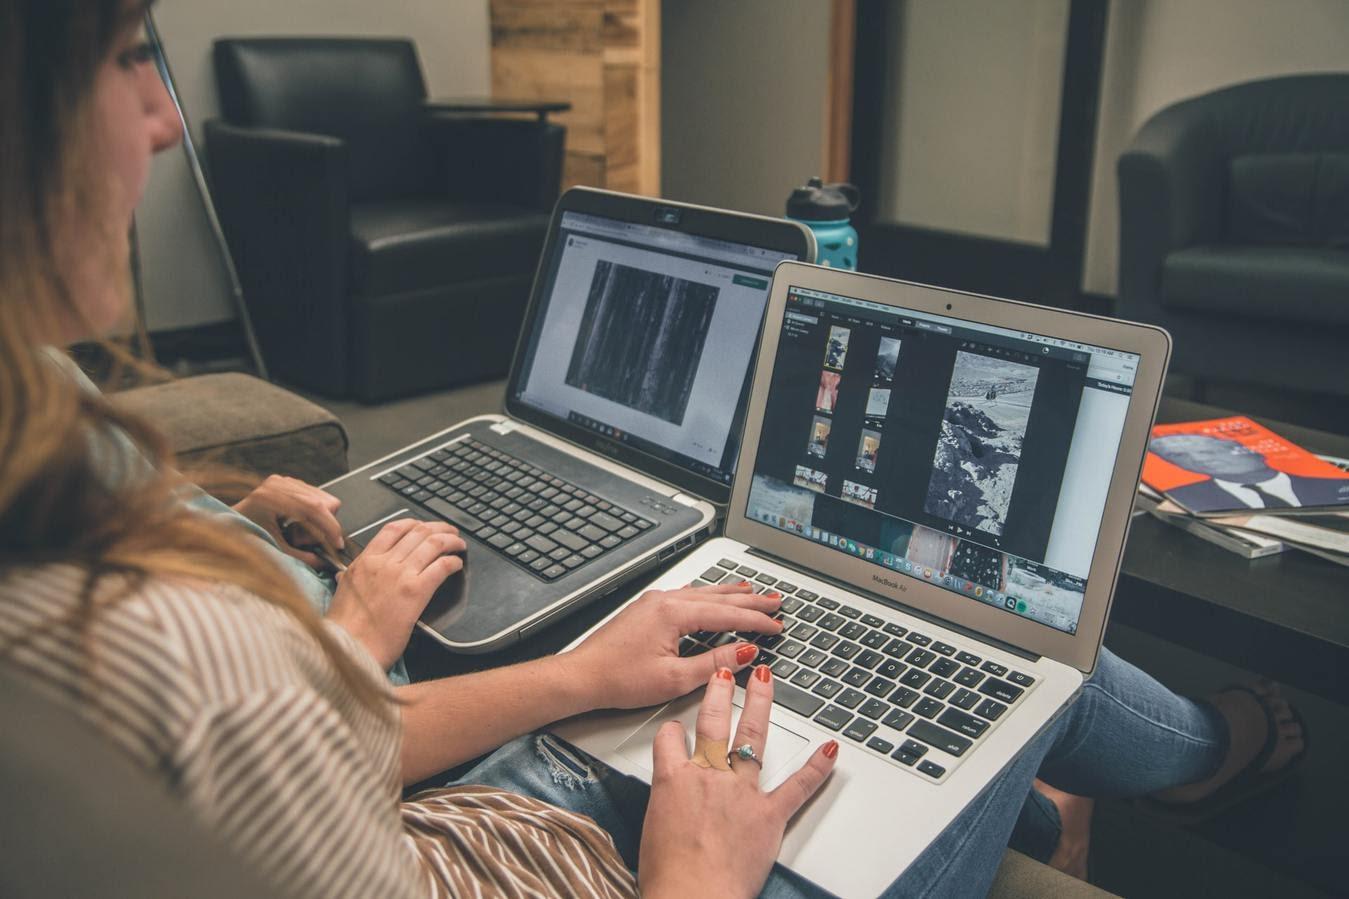 Zwei Leute sitzen und arbeiten an Laptops